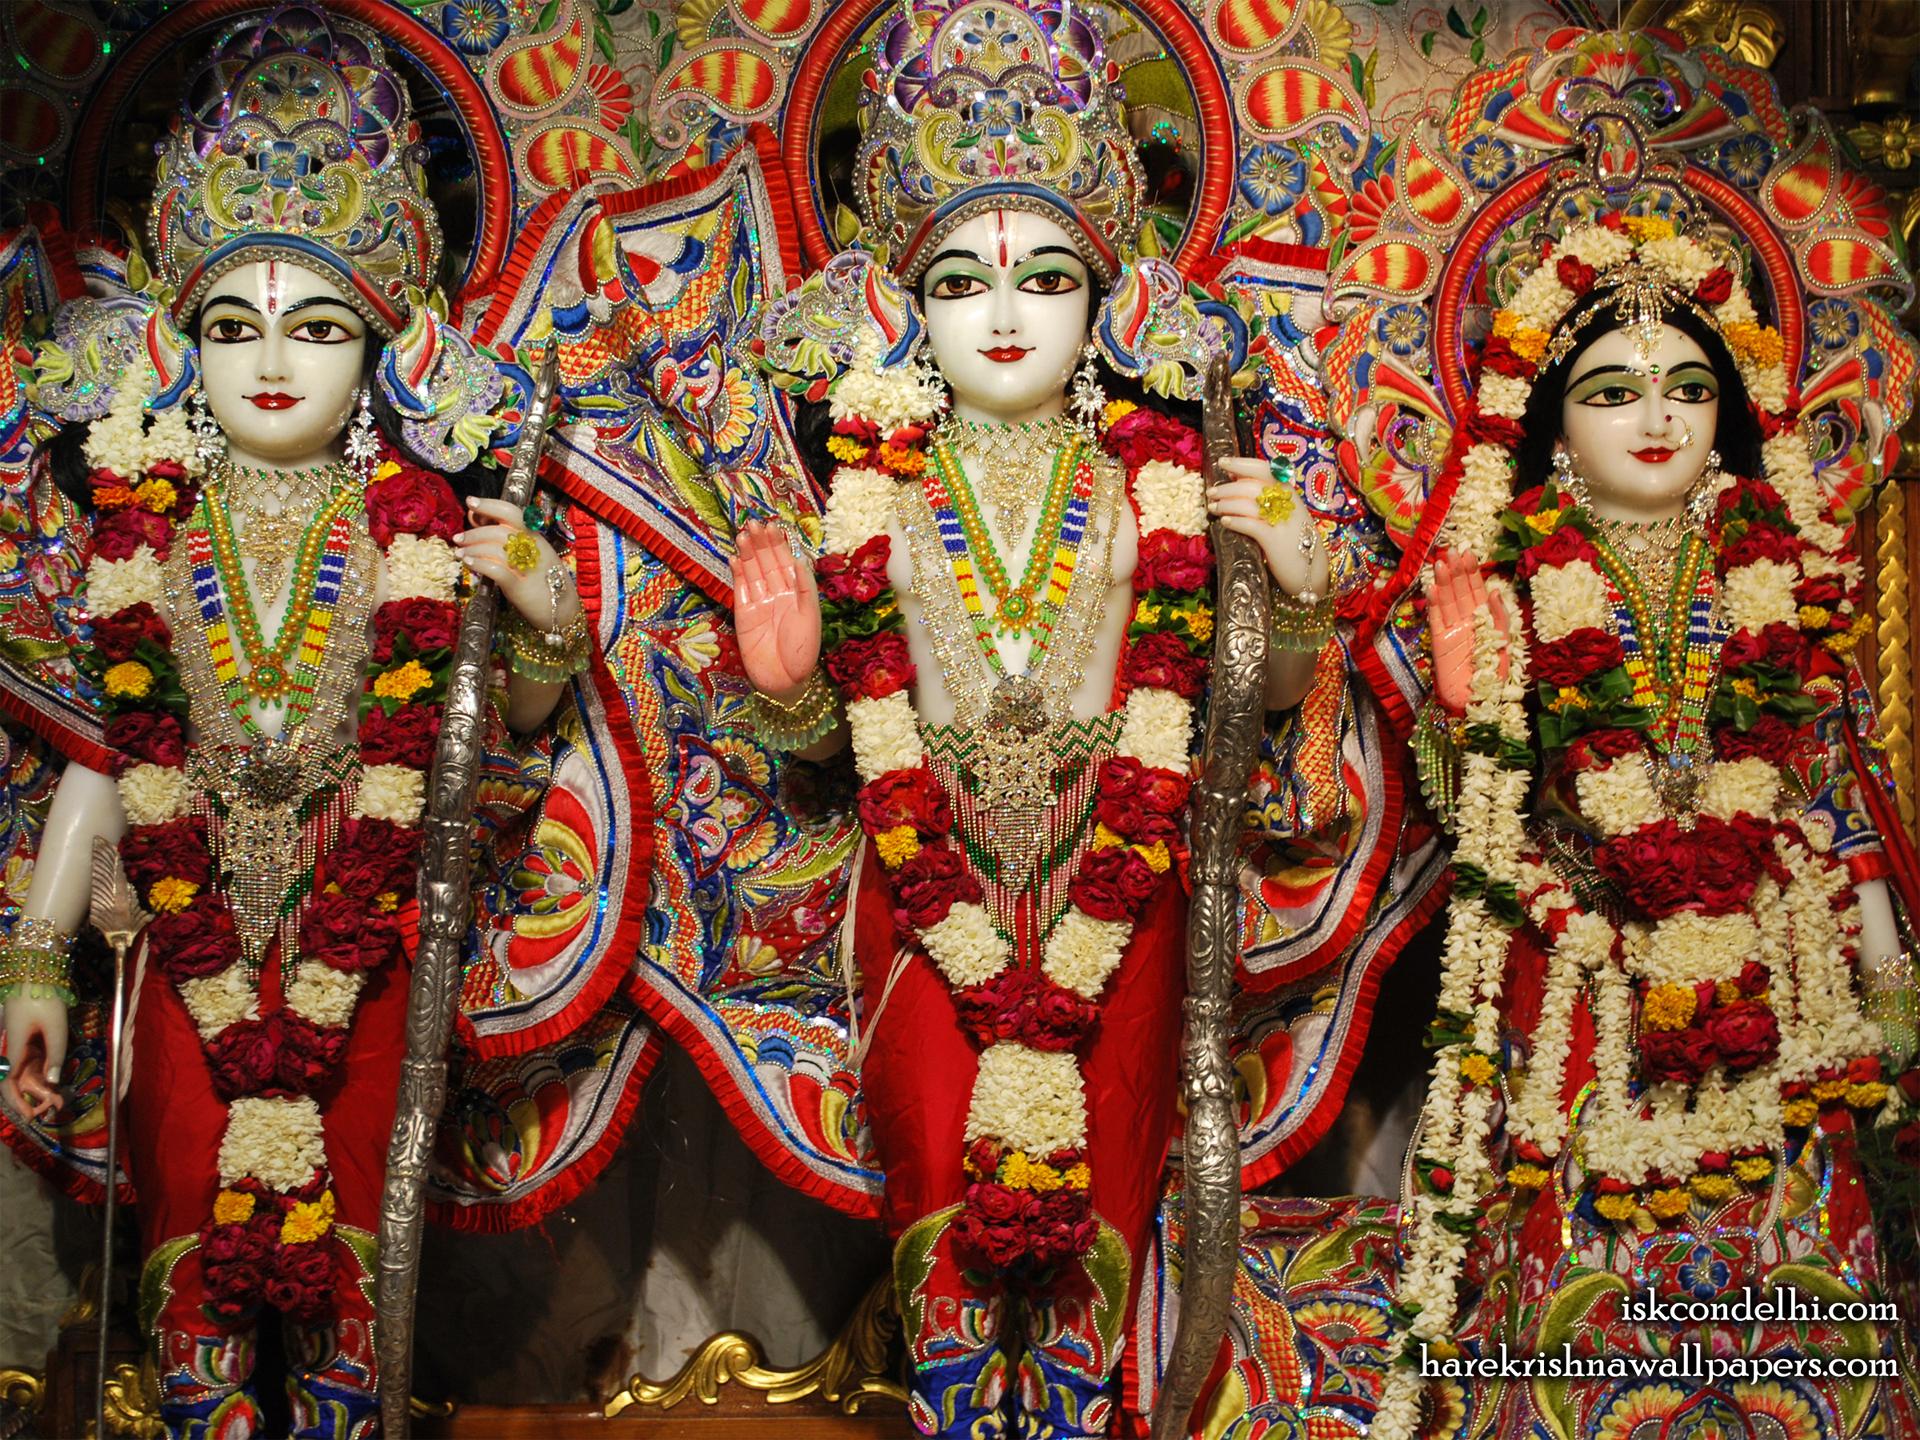 Sri Sri Sita Rama Laxman Wallpaper (008) Size 1920x1440 Download